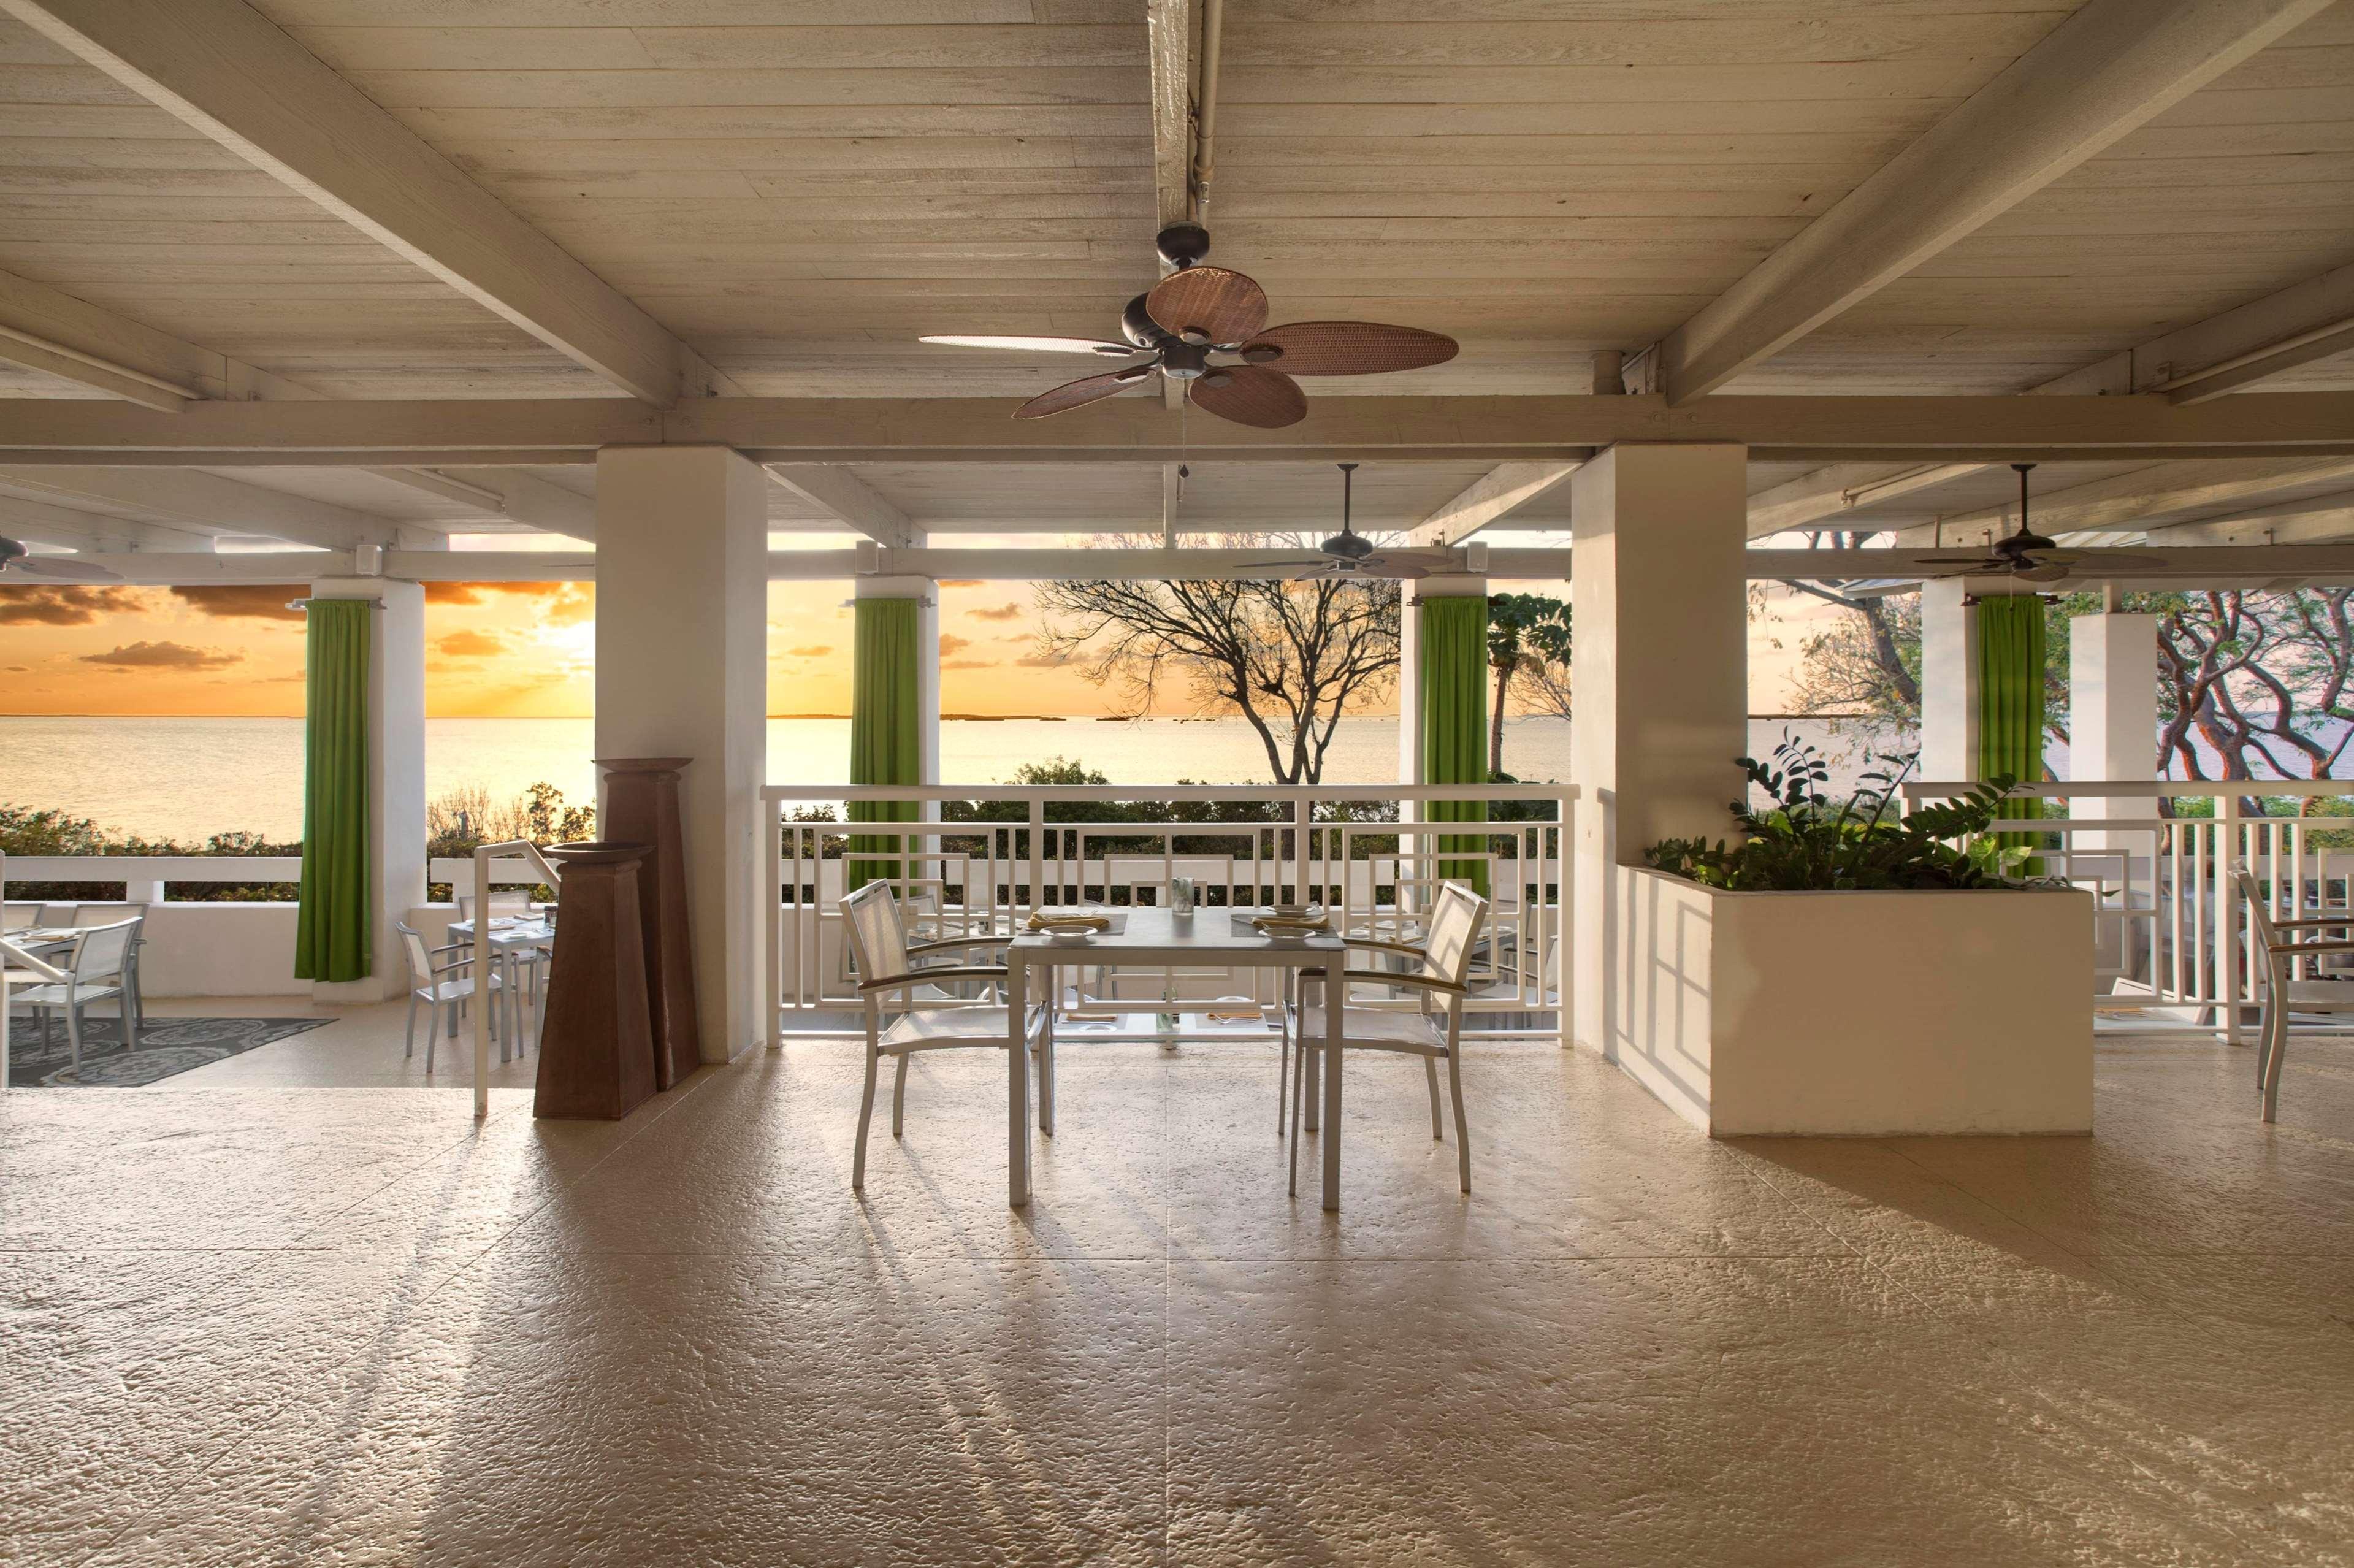 Hilton Key Largo Resort image 6